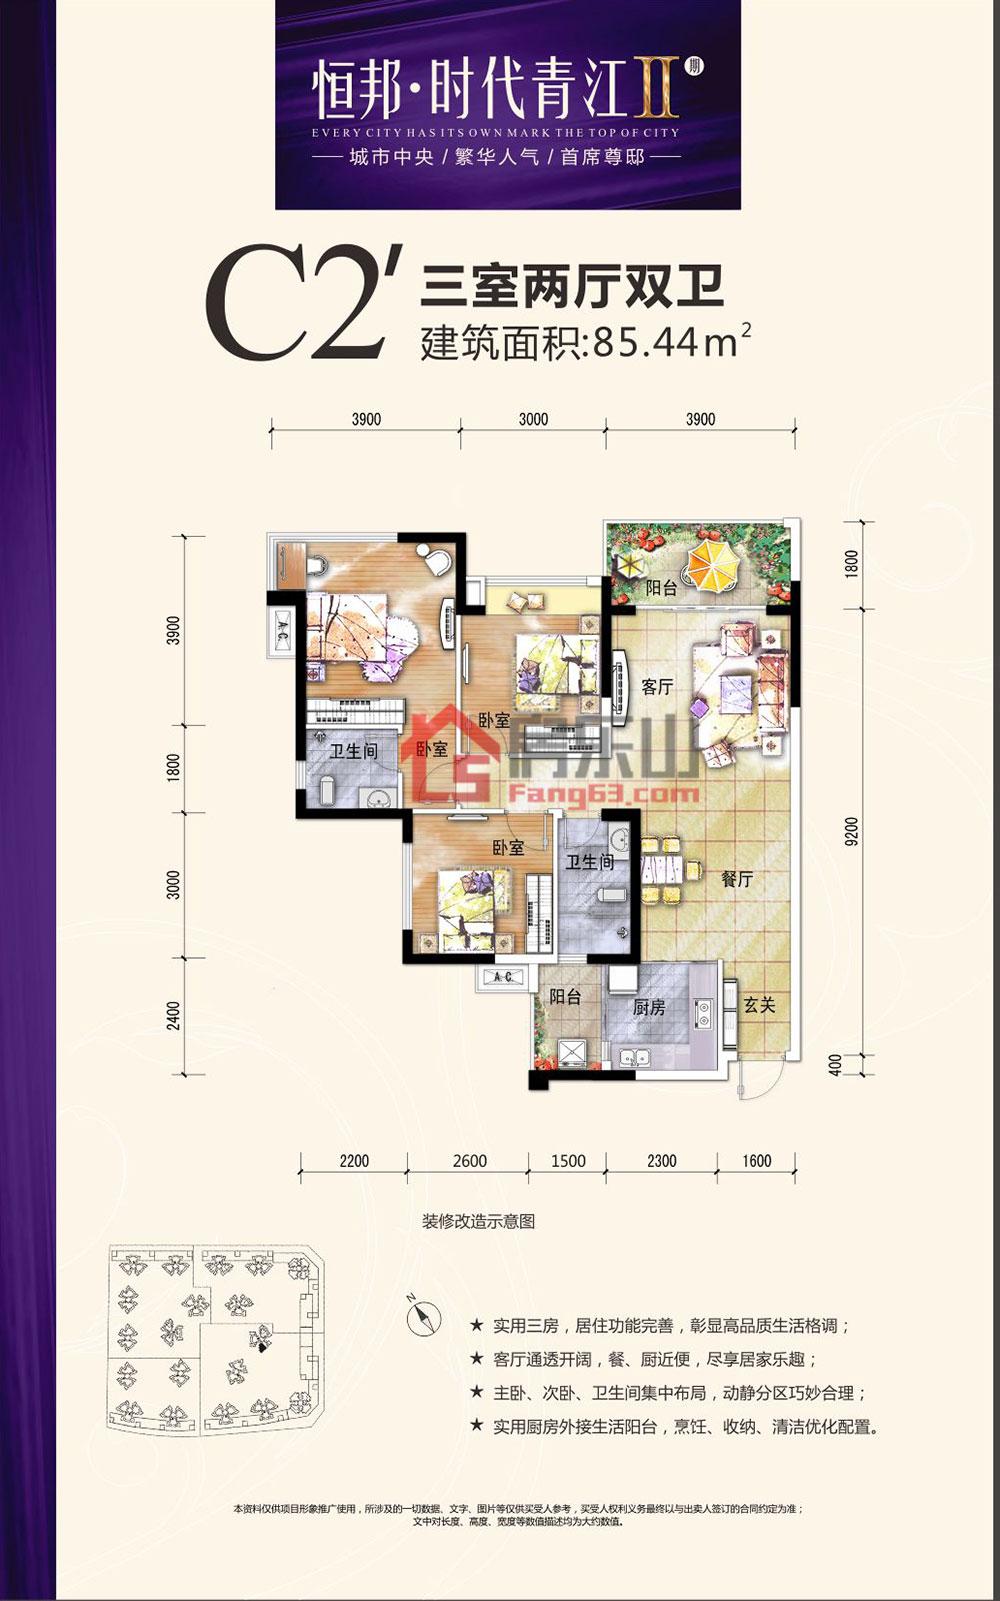 时代青江C2'